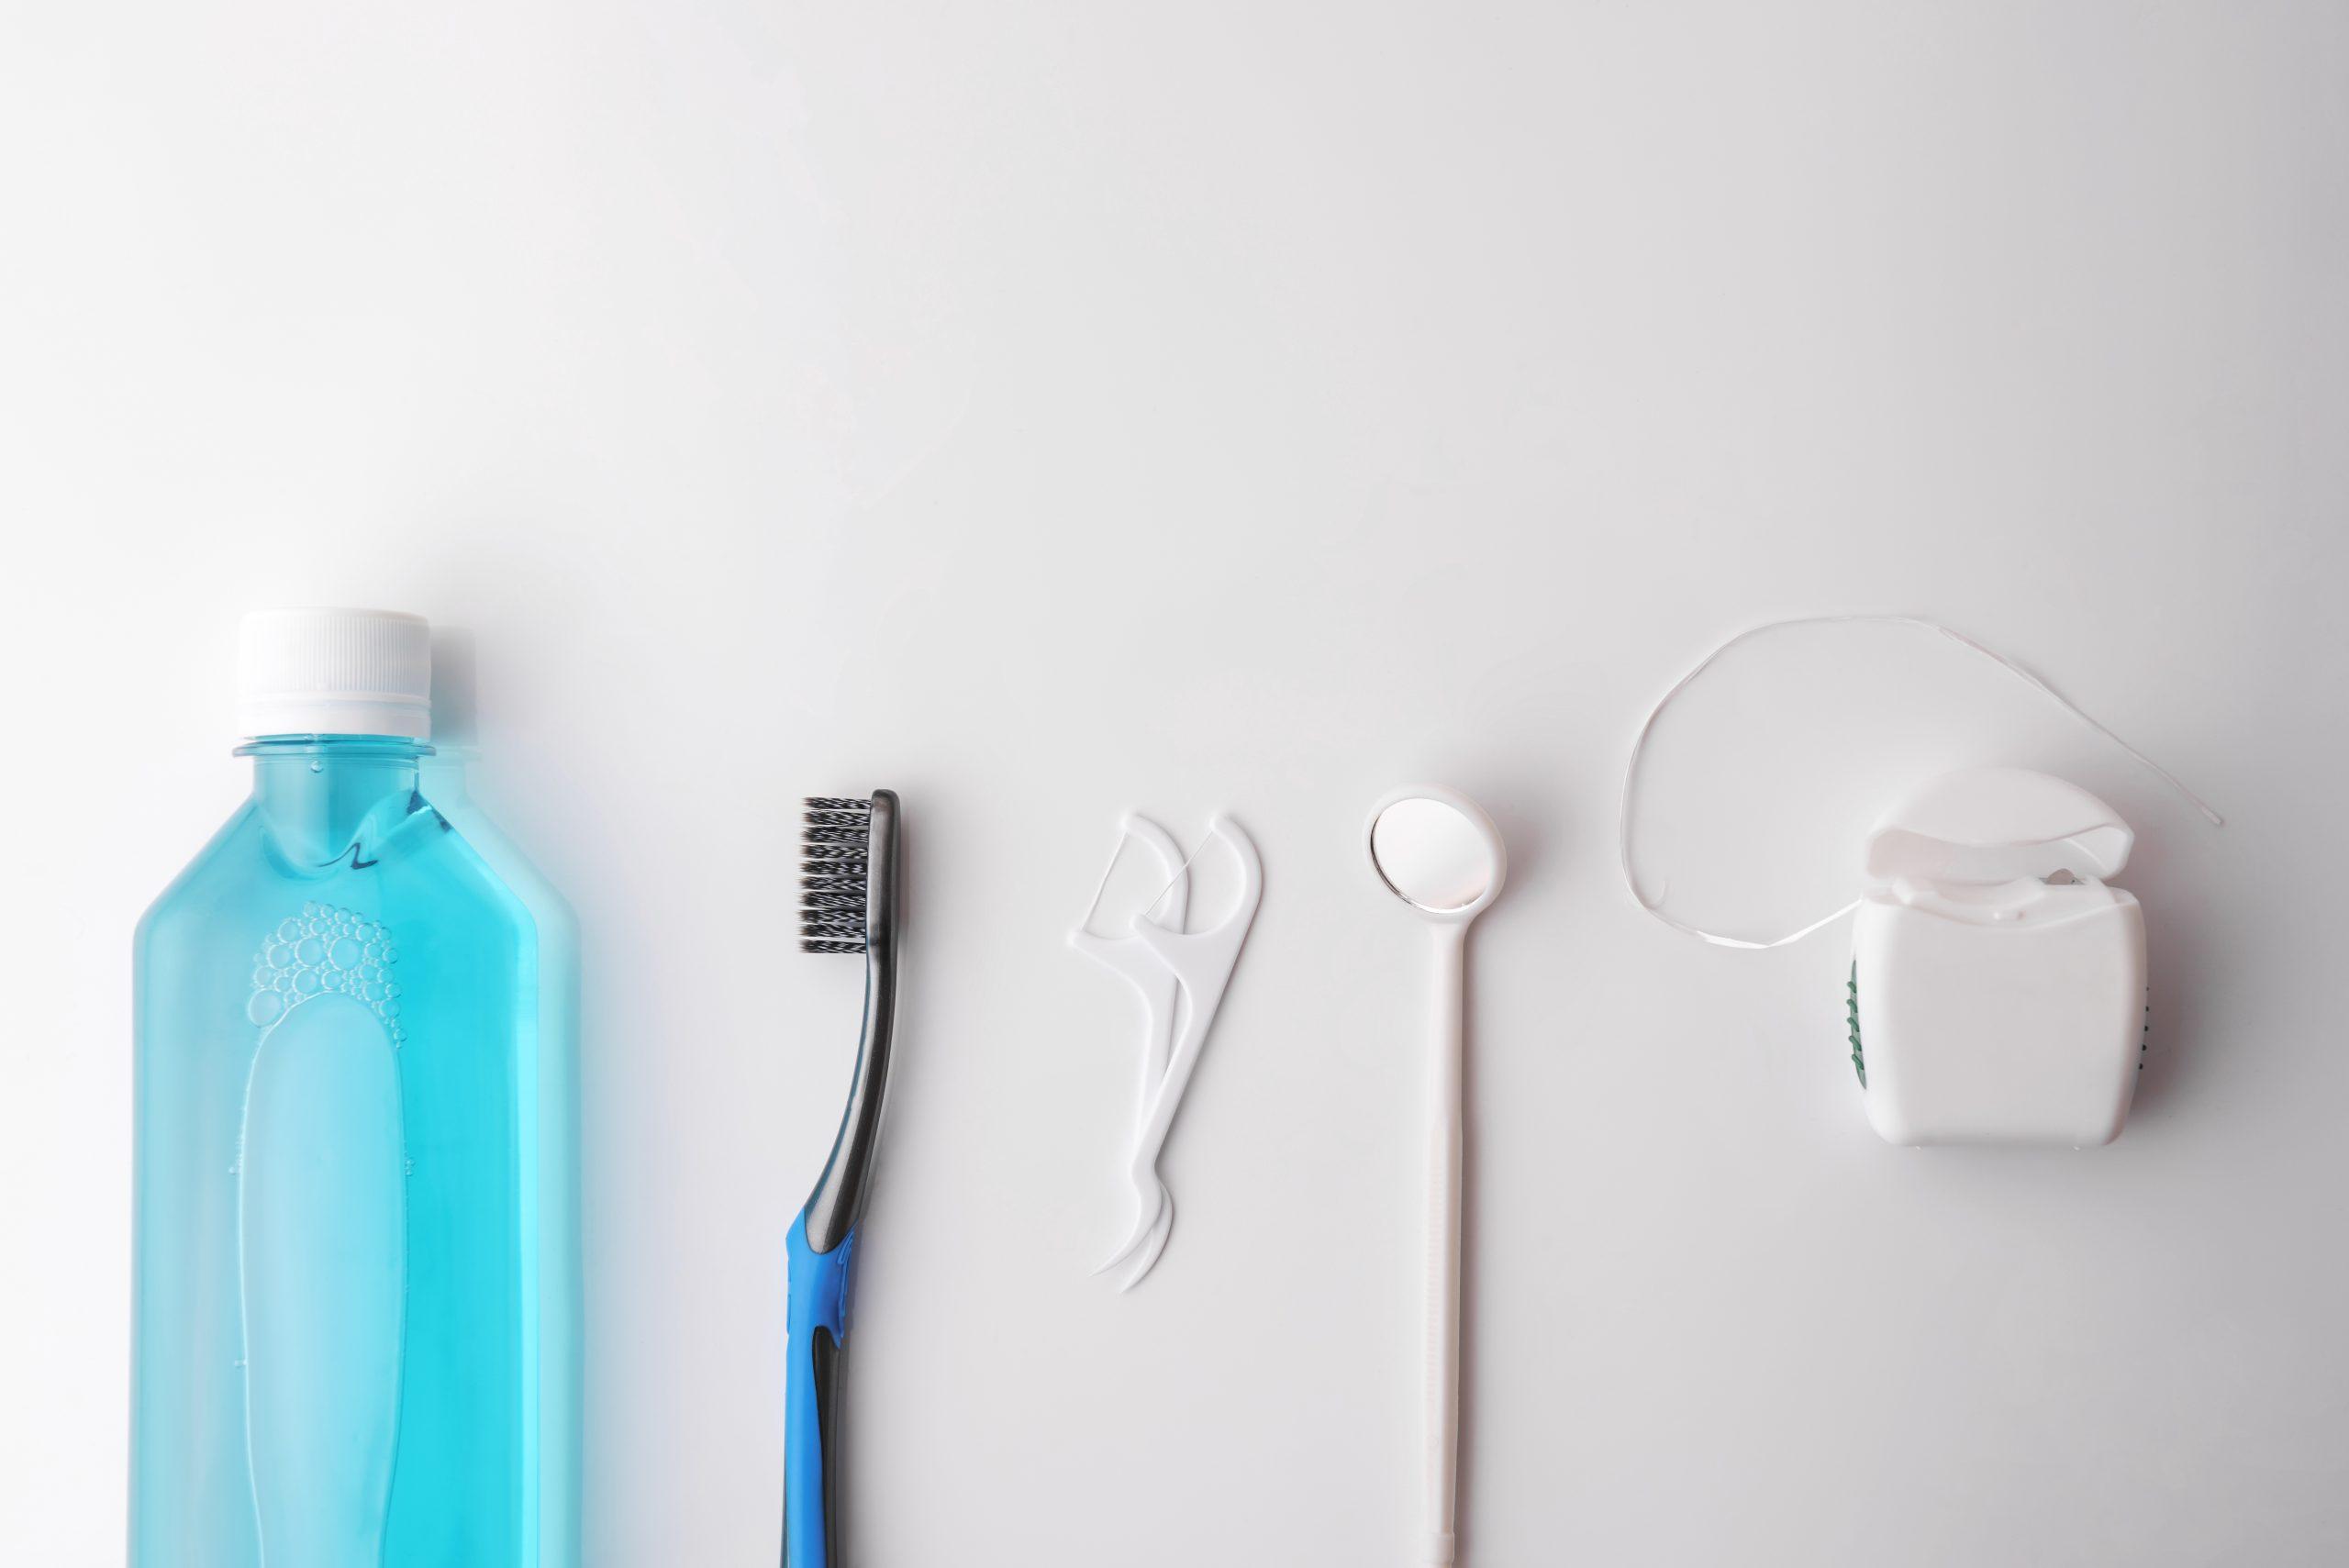 Bain de bouche, brosse à dents, fil dentaire...